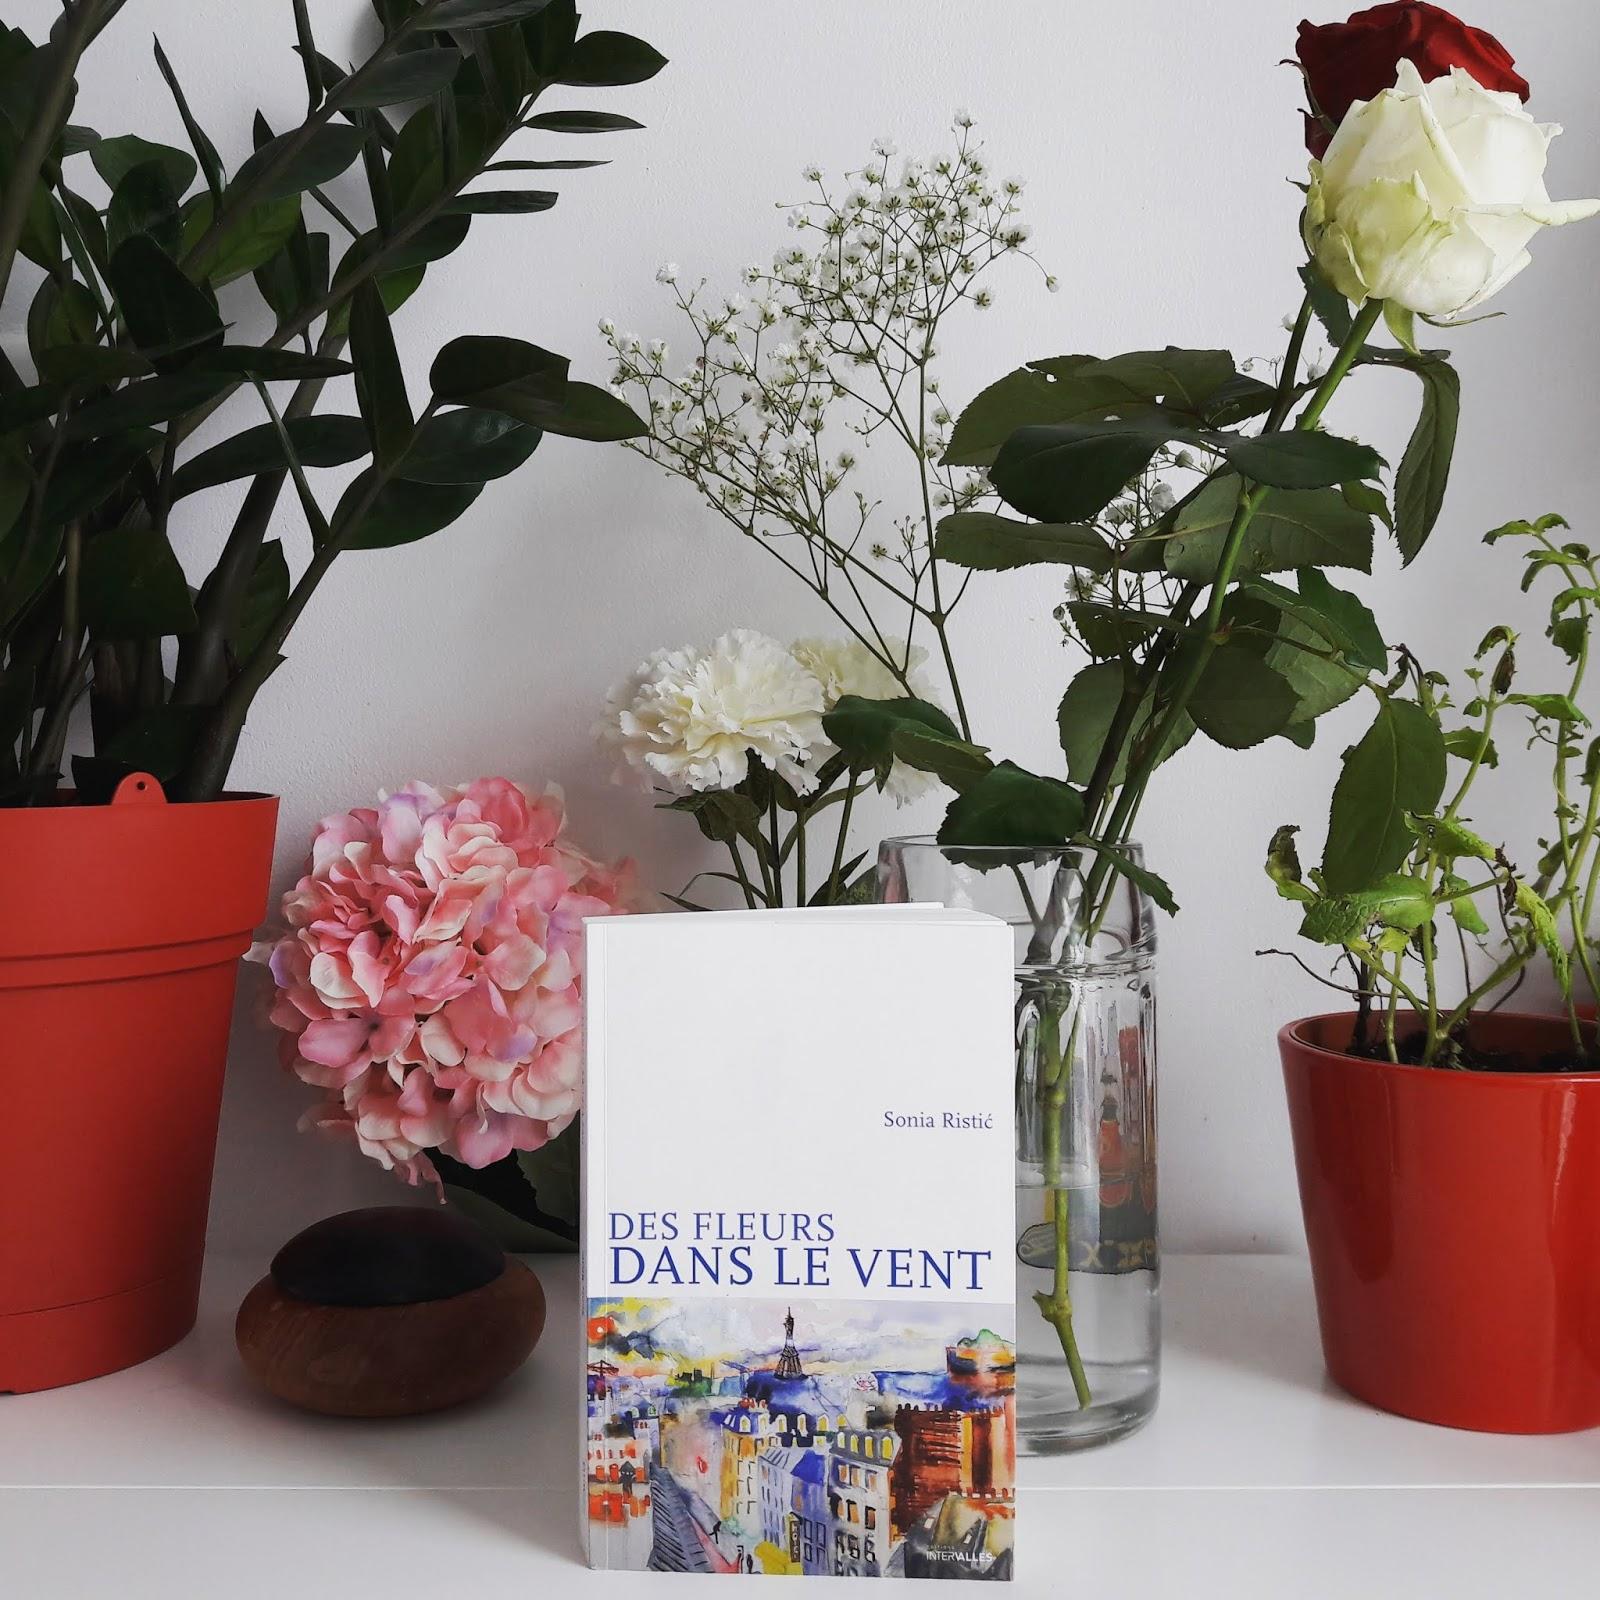 Coup de cœur : Des fleurs dans le vent de Sonia Ristić